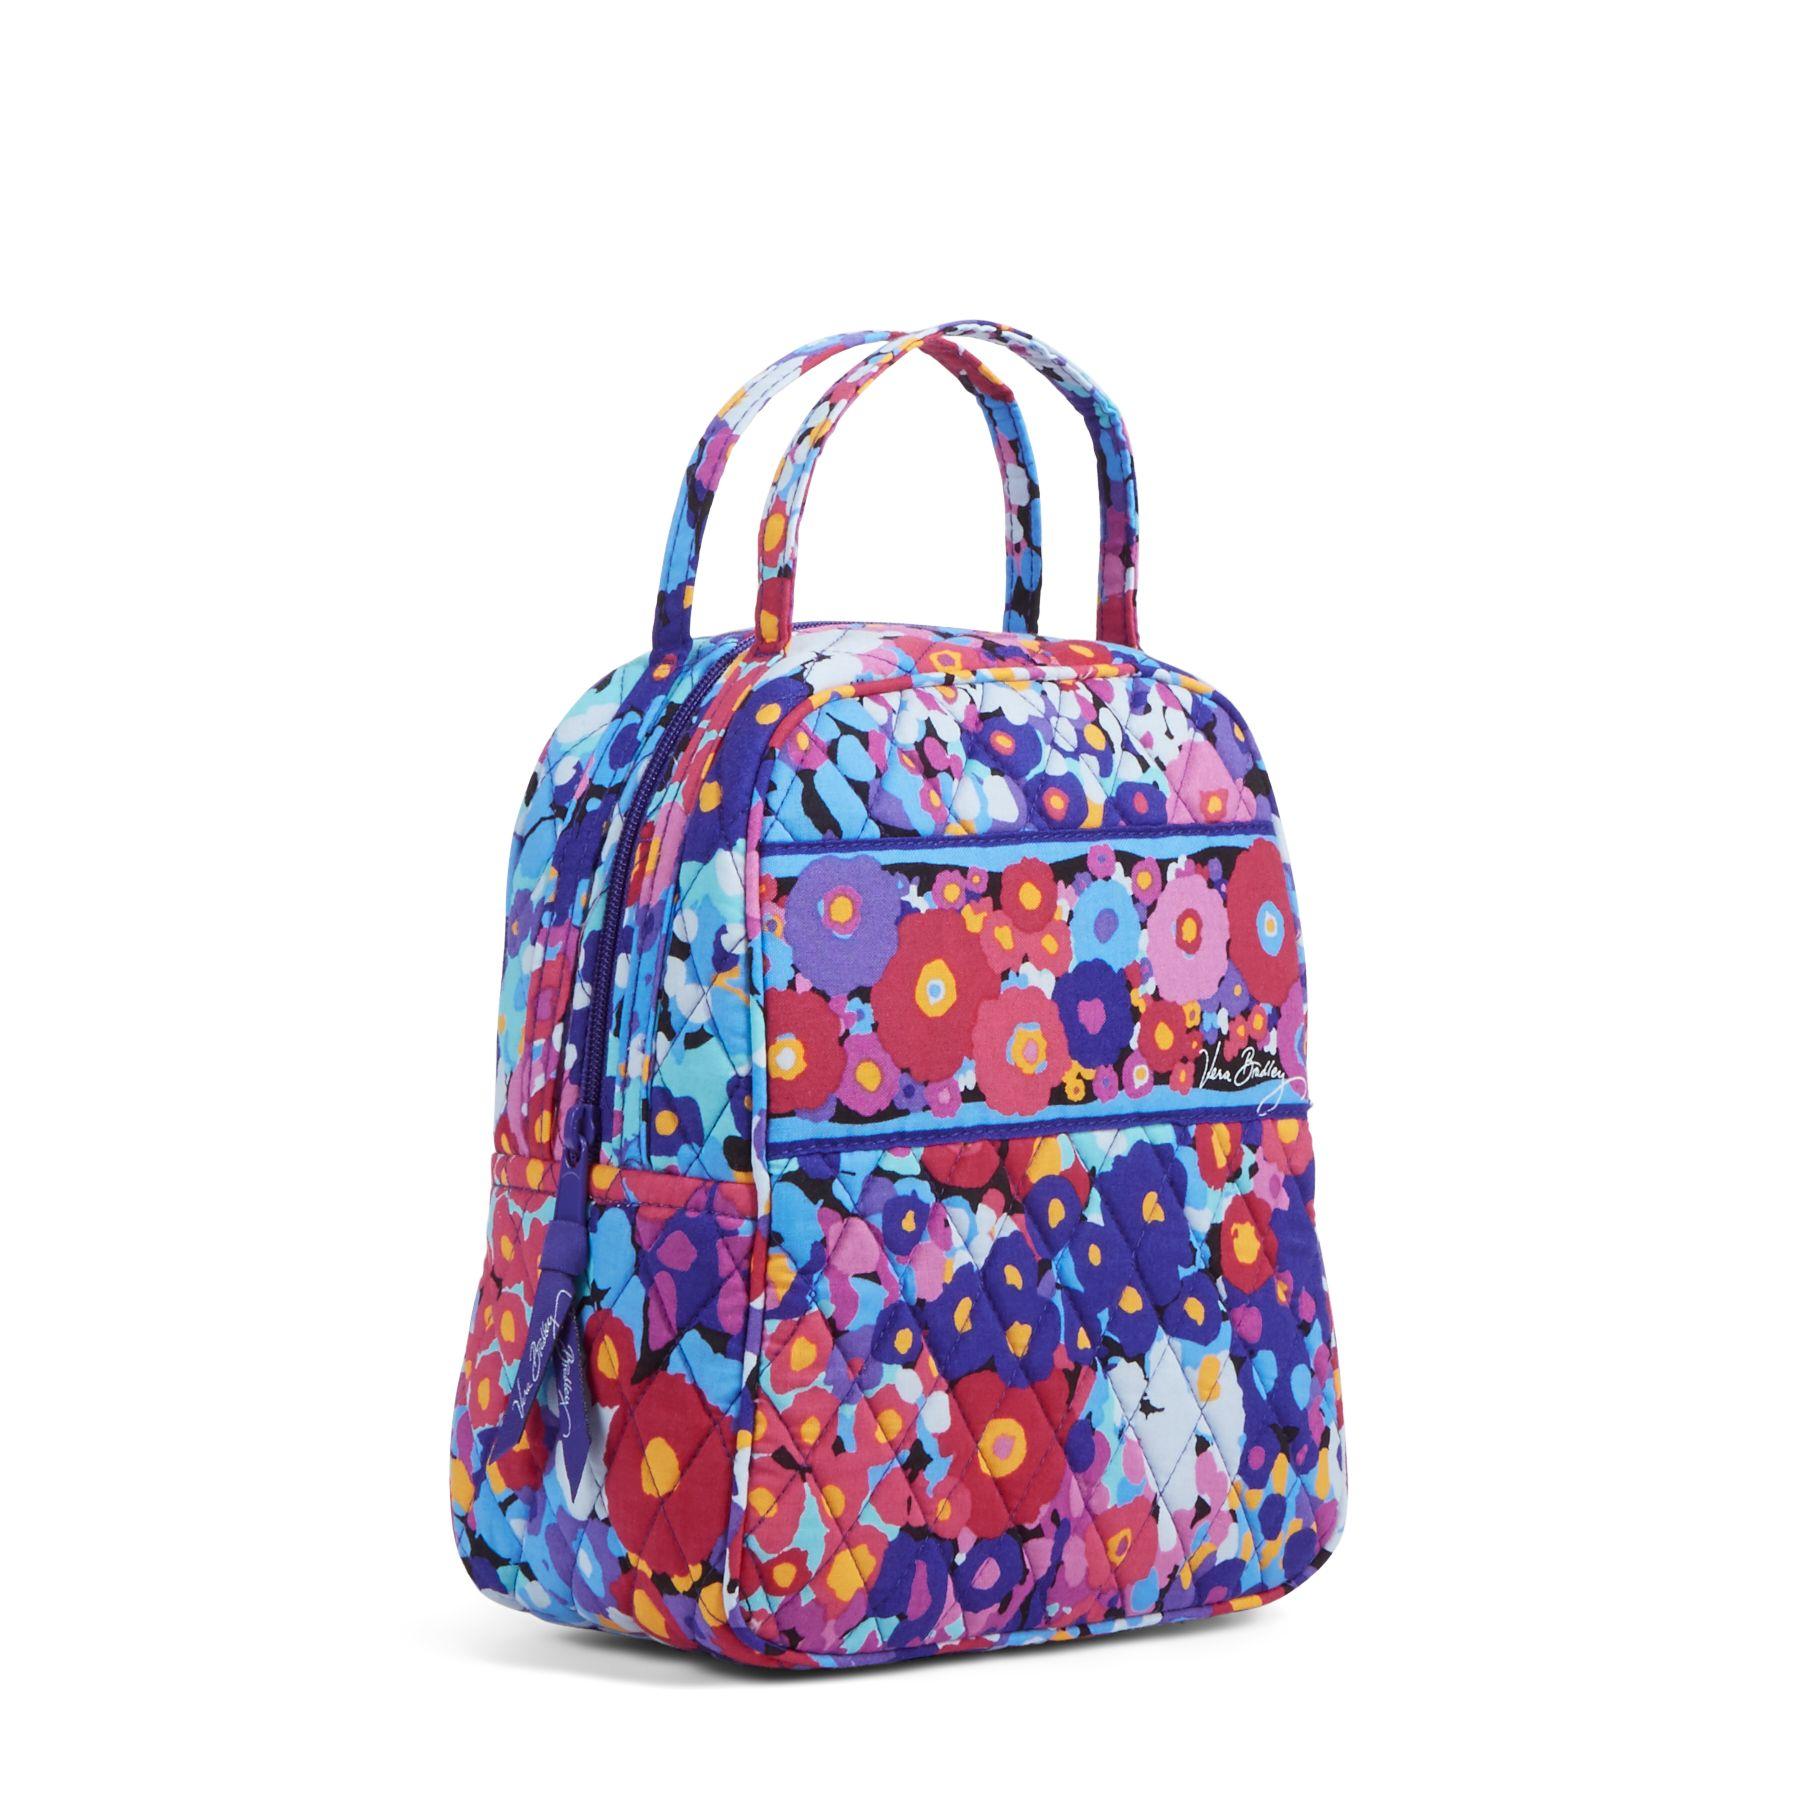 Vera Bradley Lunch Bunch Bag Ebay